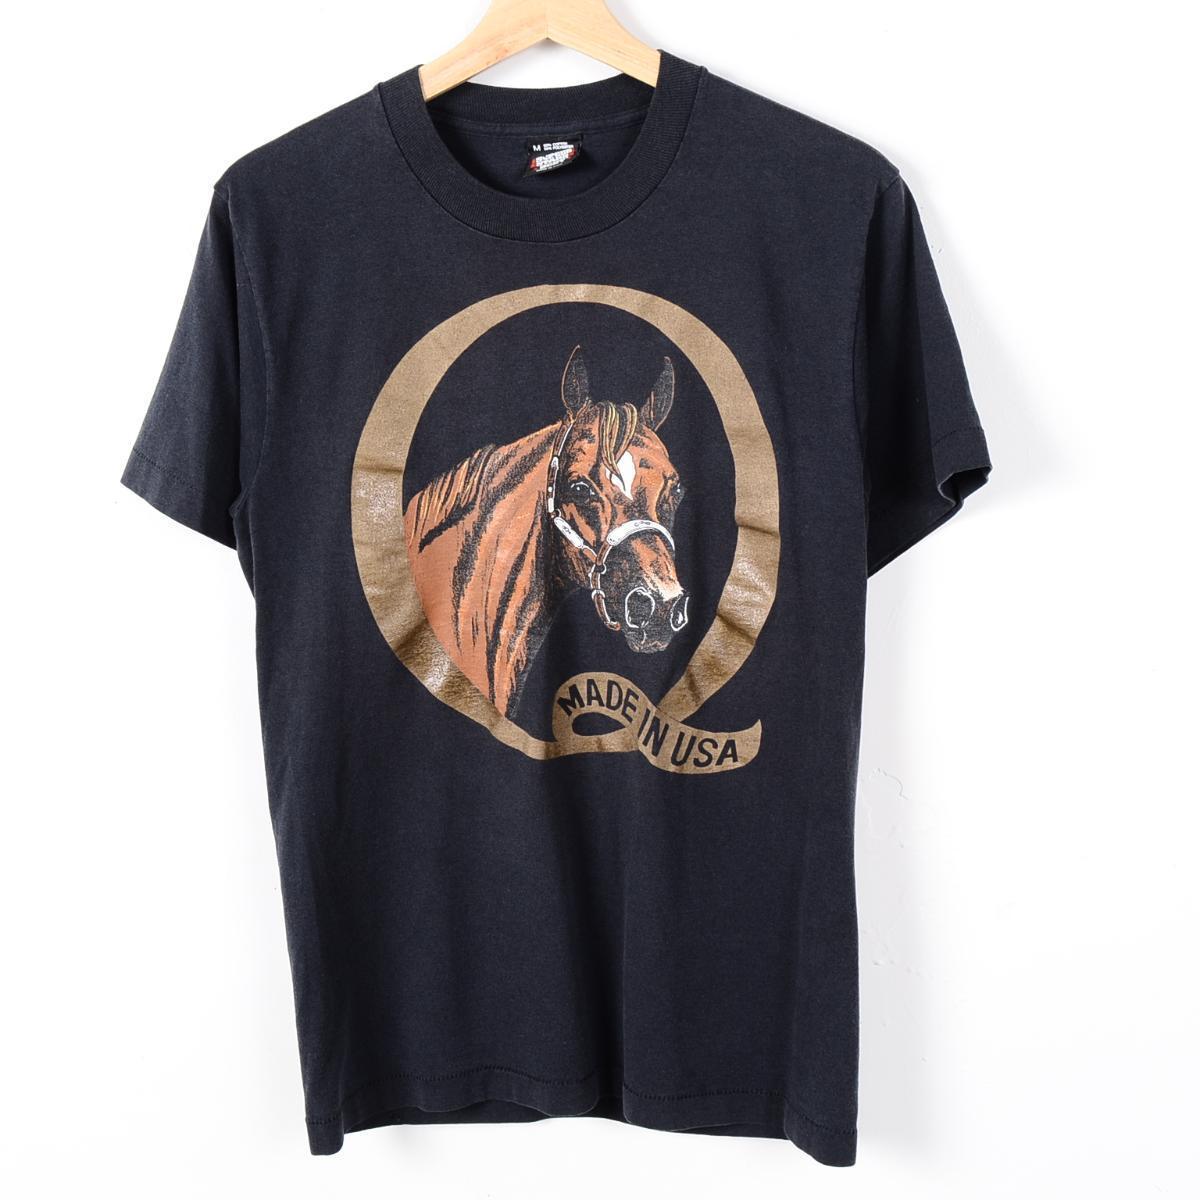 90年代 USA製 馬柄 アニマルプリントTシャツ メンズS SCREEN STARS BEST /wer0736 【古着屋JAM】【中古】 160514